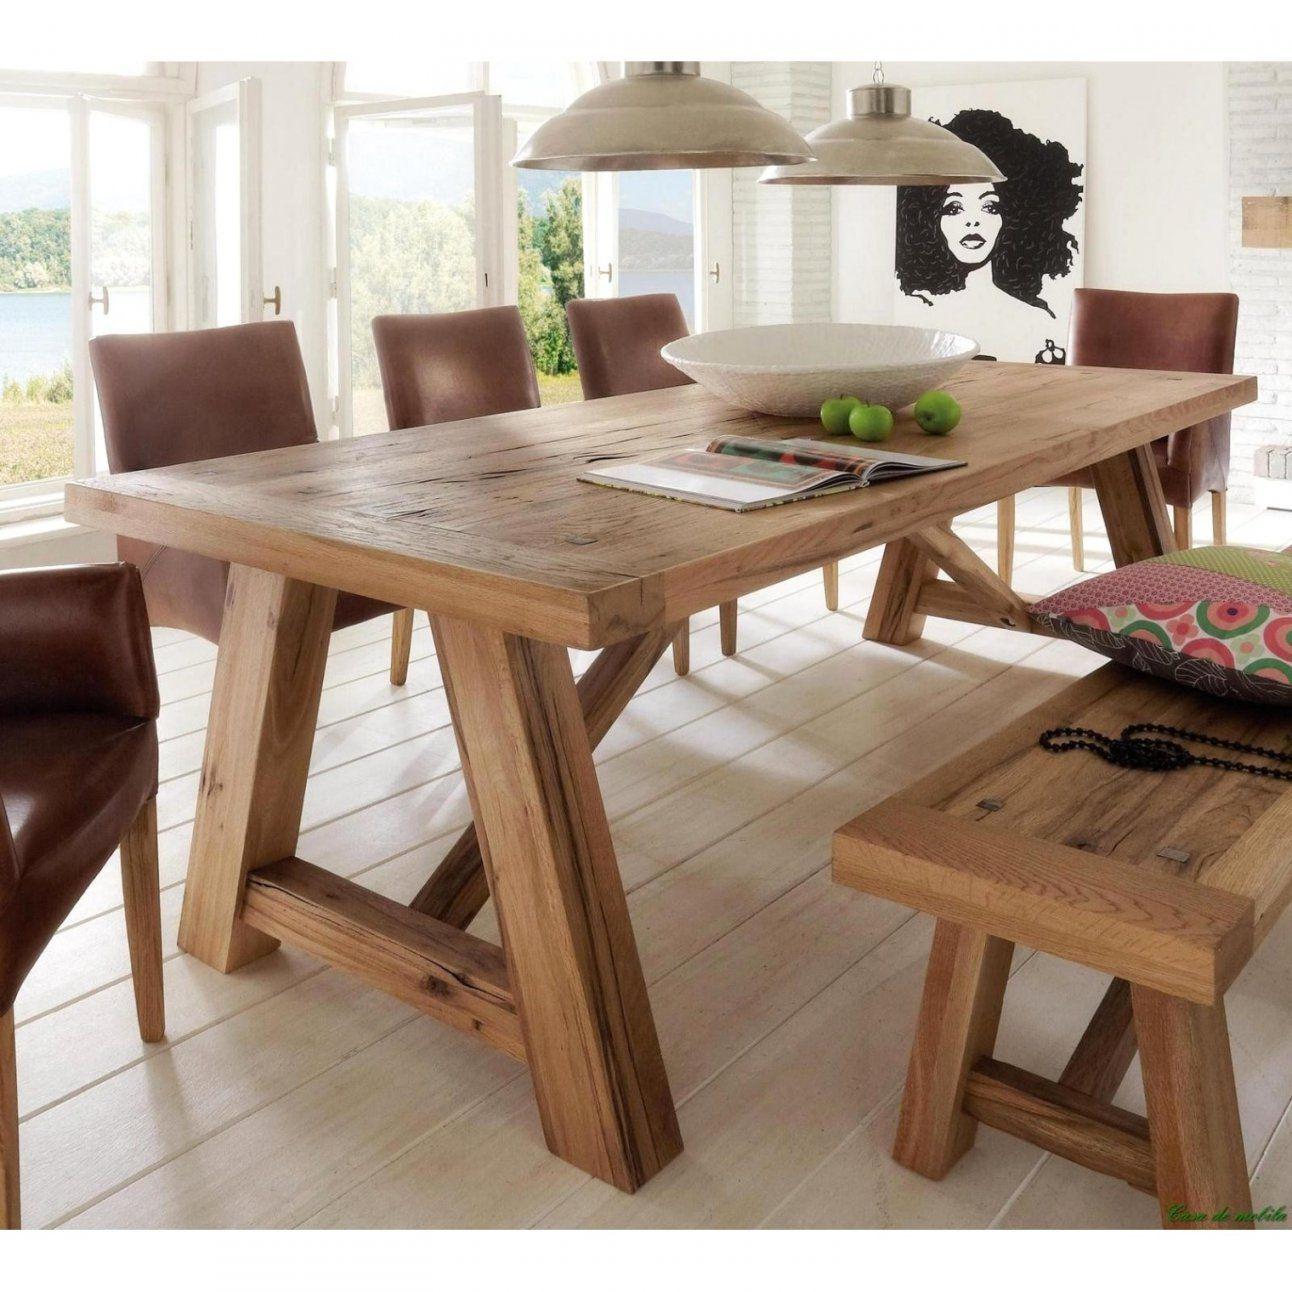 Tisch Mit Paletten Bauen Couchtisch Selber Bauen Palette Frisch